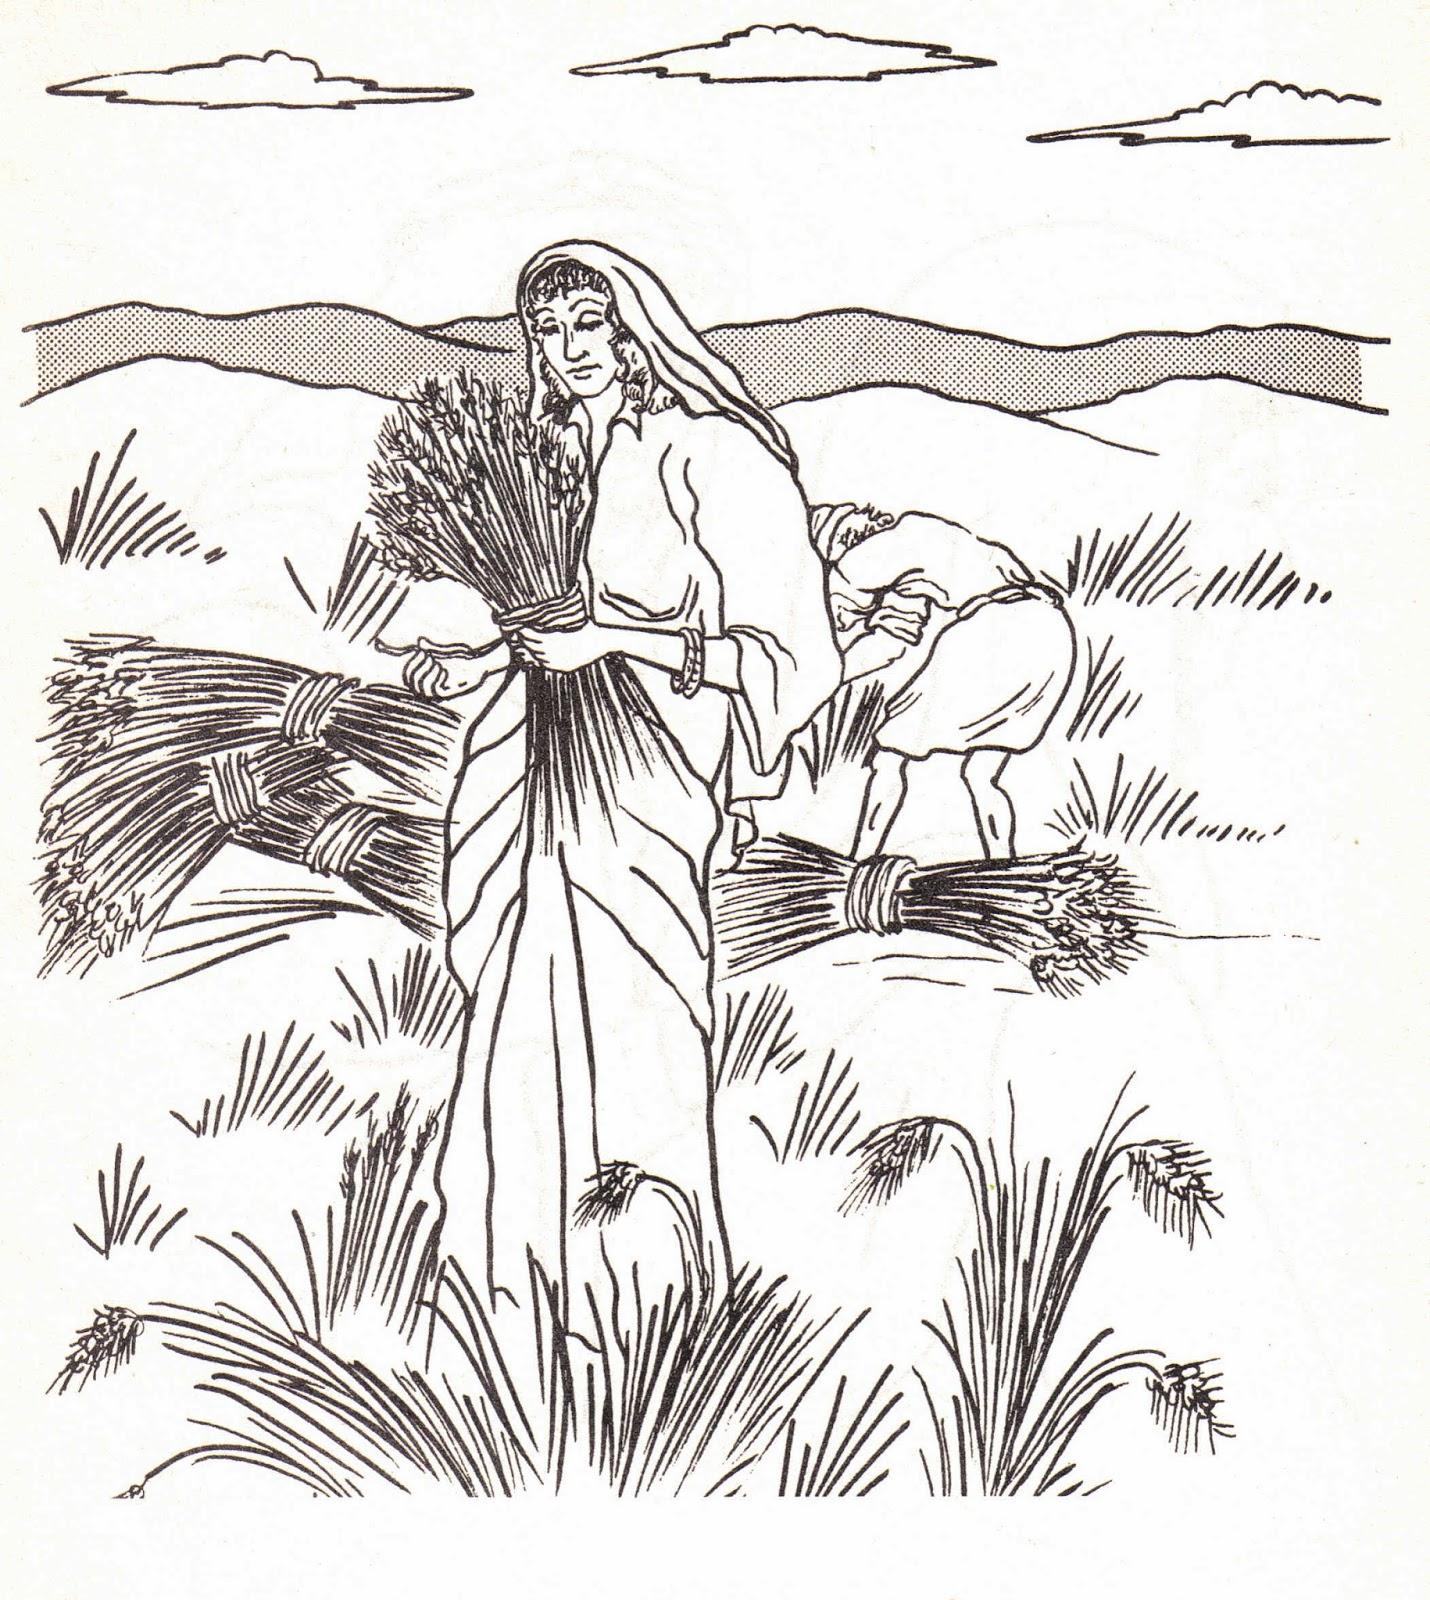 Único Dibujos Para Colorear La Biblia Viejo Testamento | Colore Ar ...